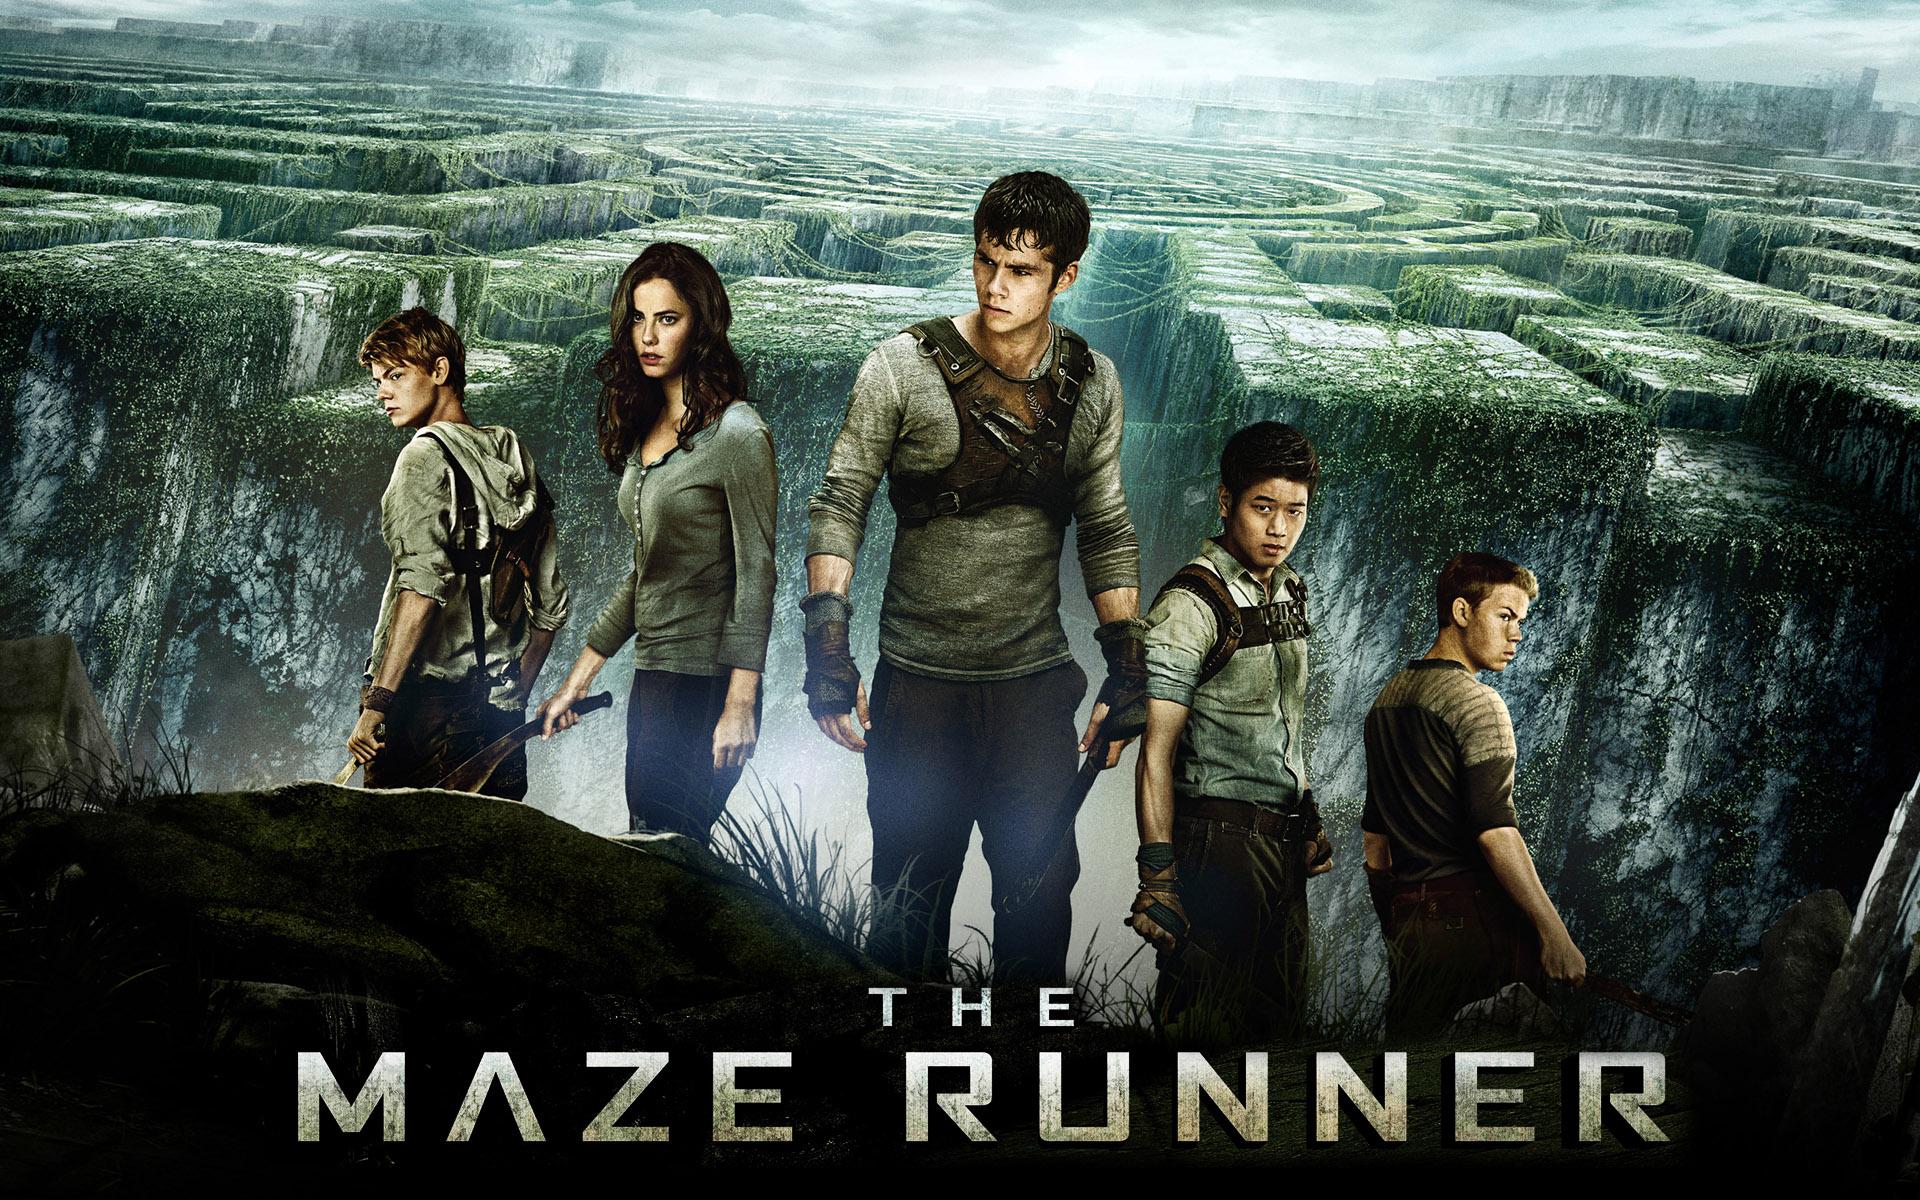 Maze Runner Tour